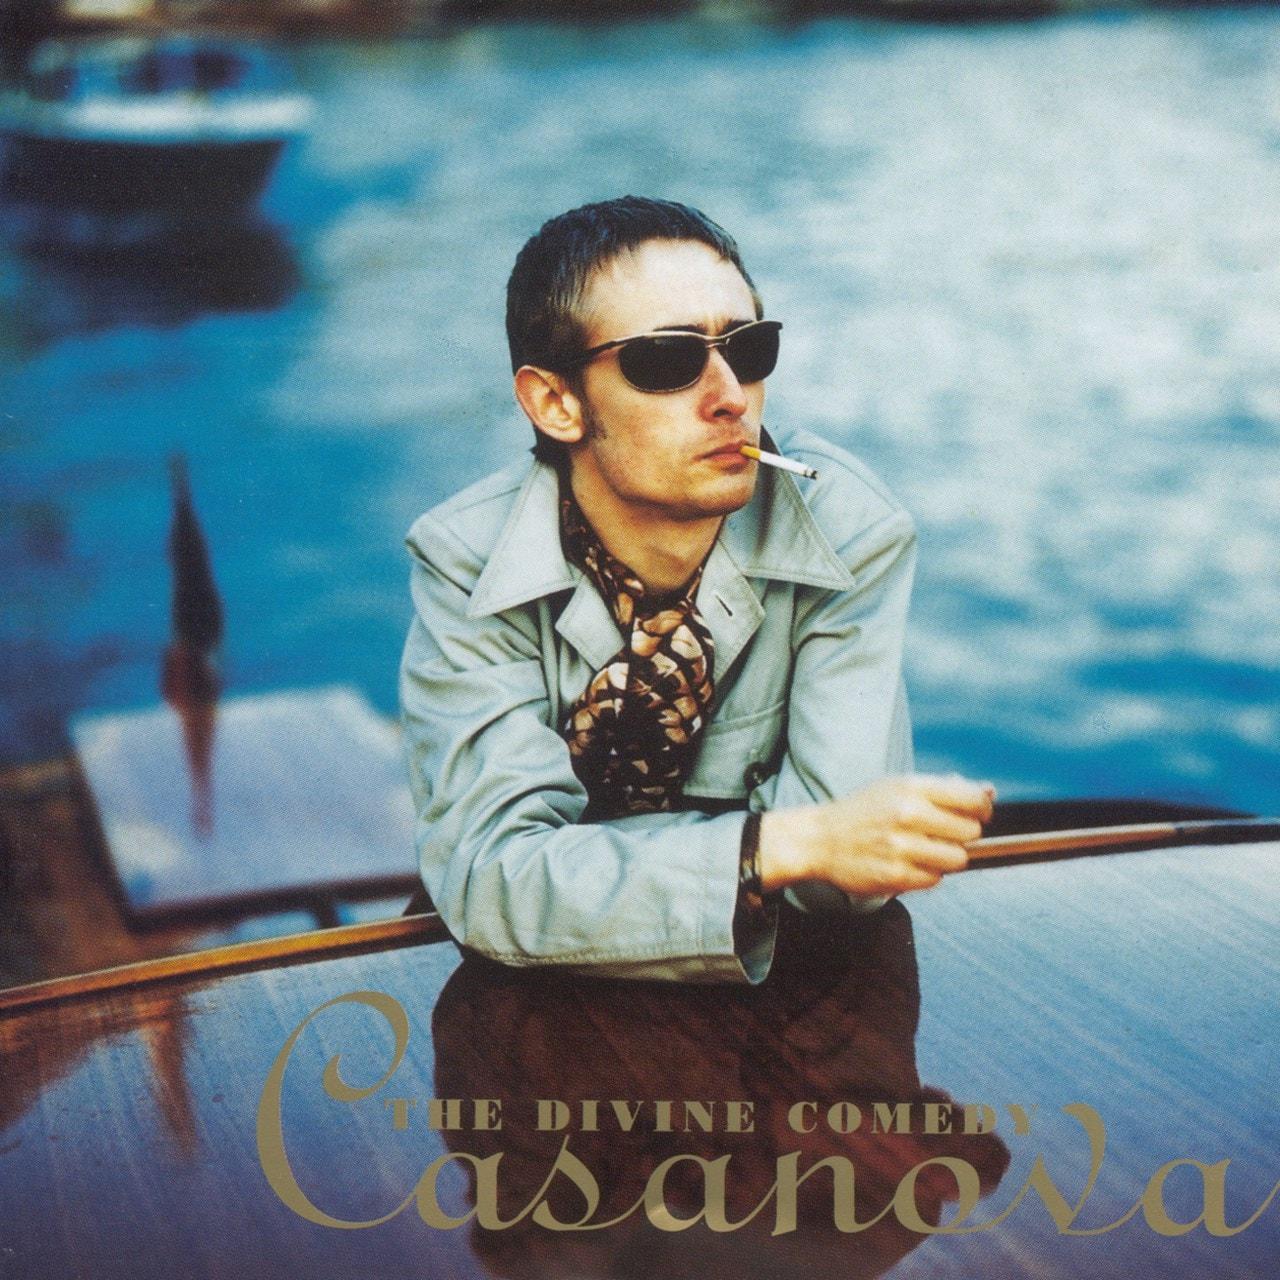 Casanova - 1